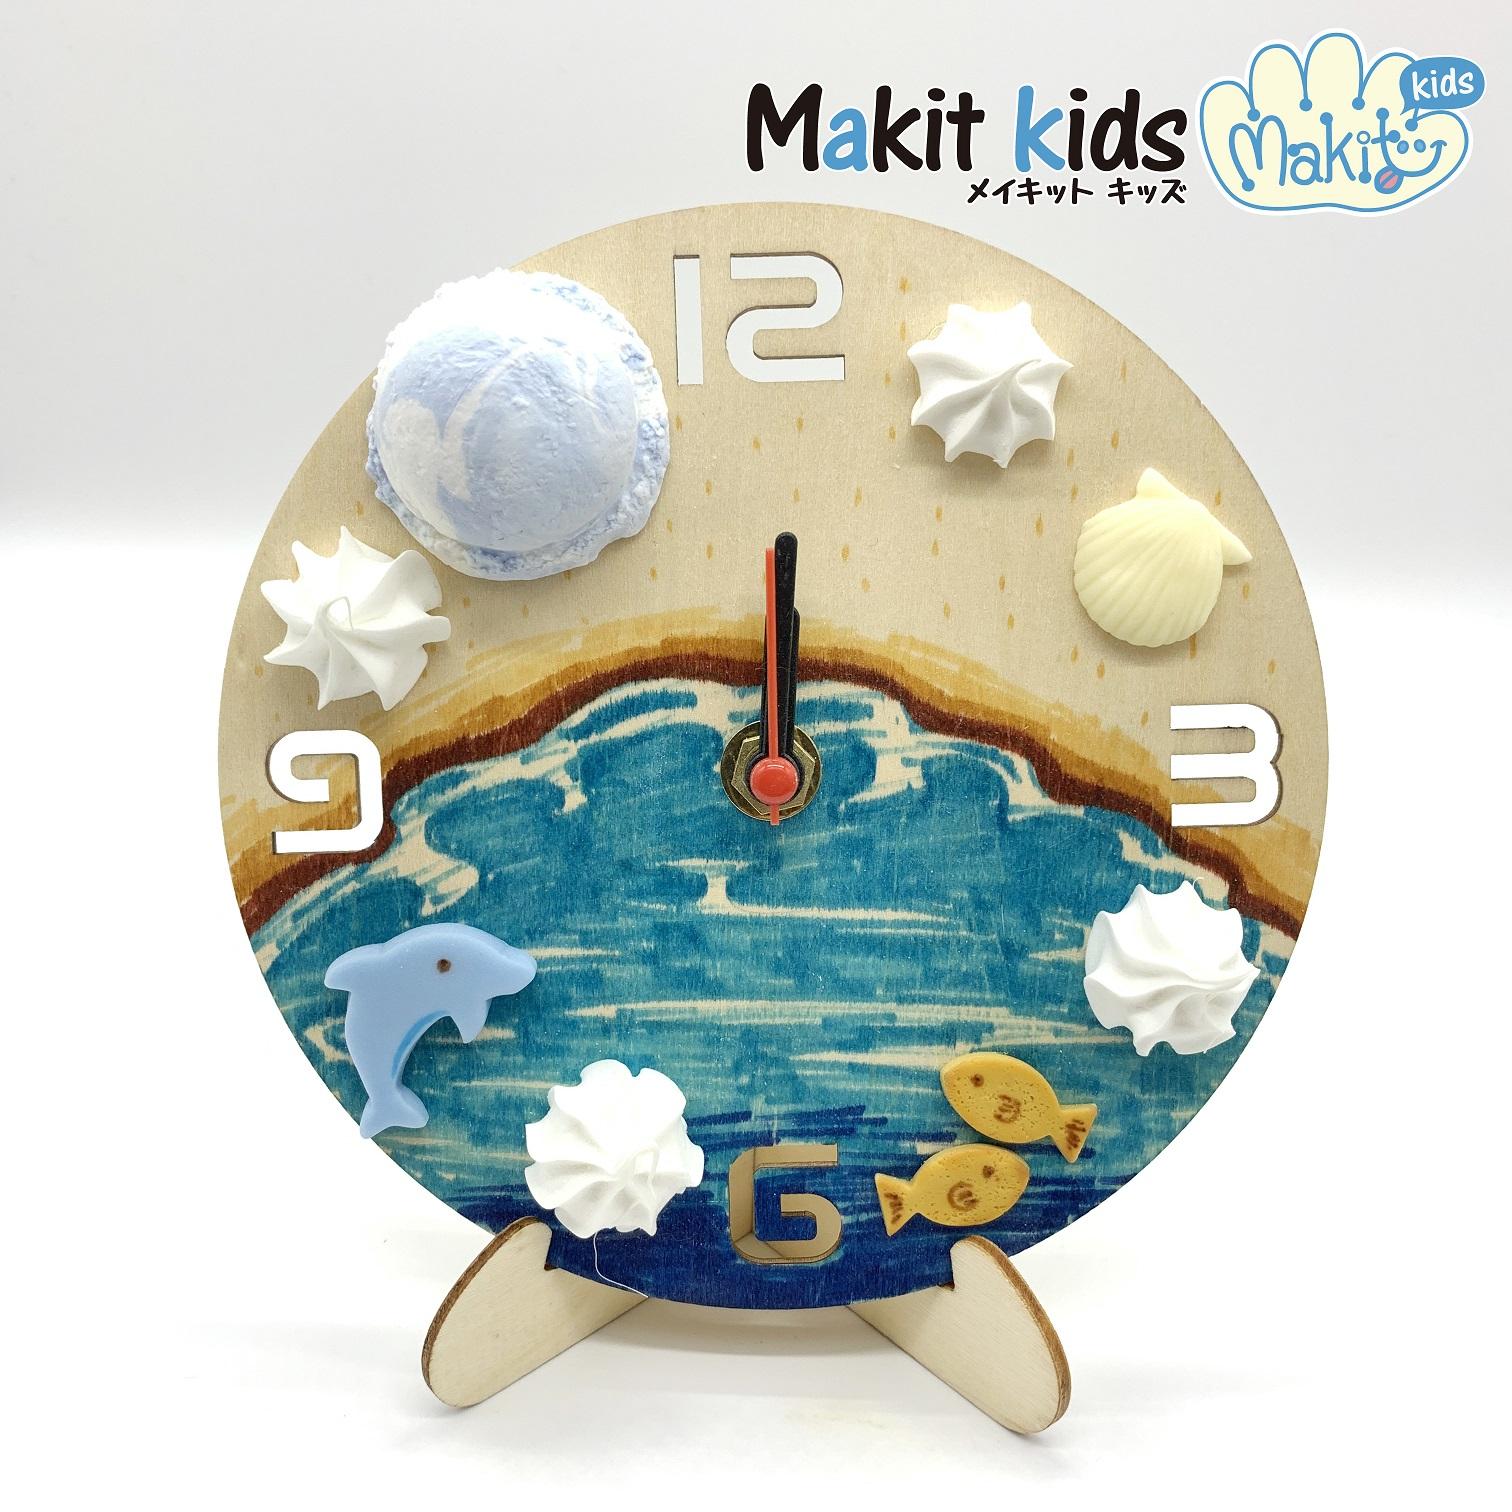 夏の時計工作キットのイメージ